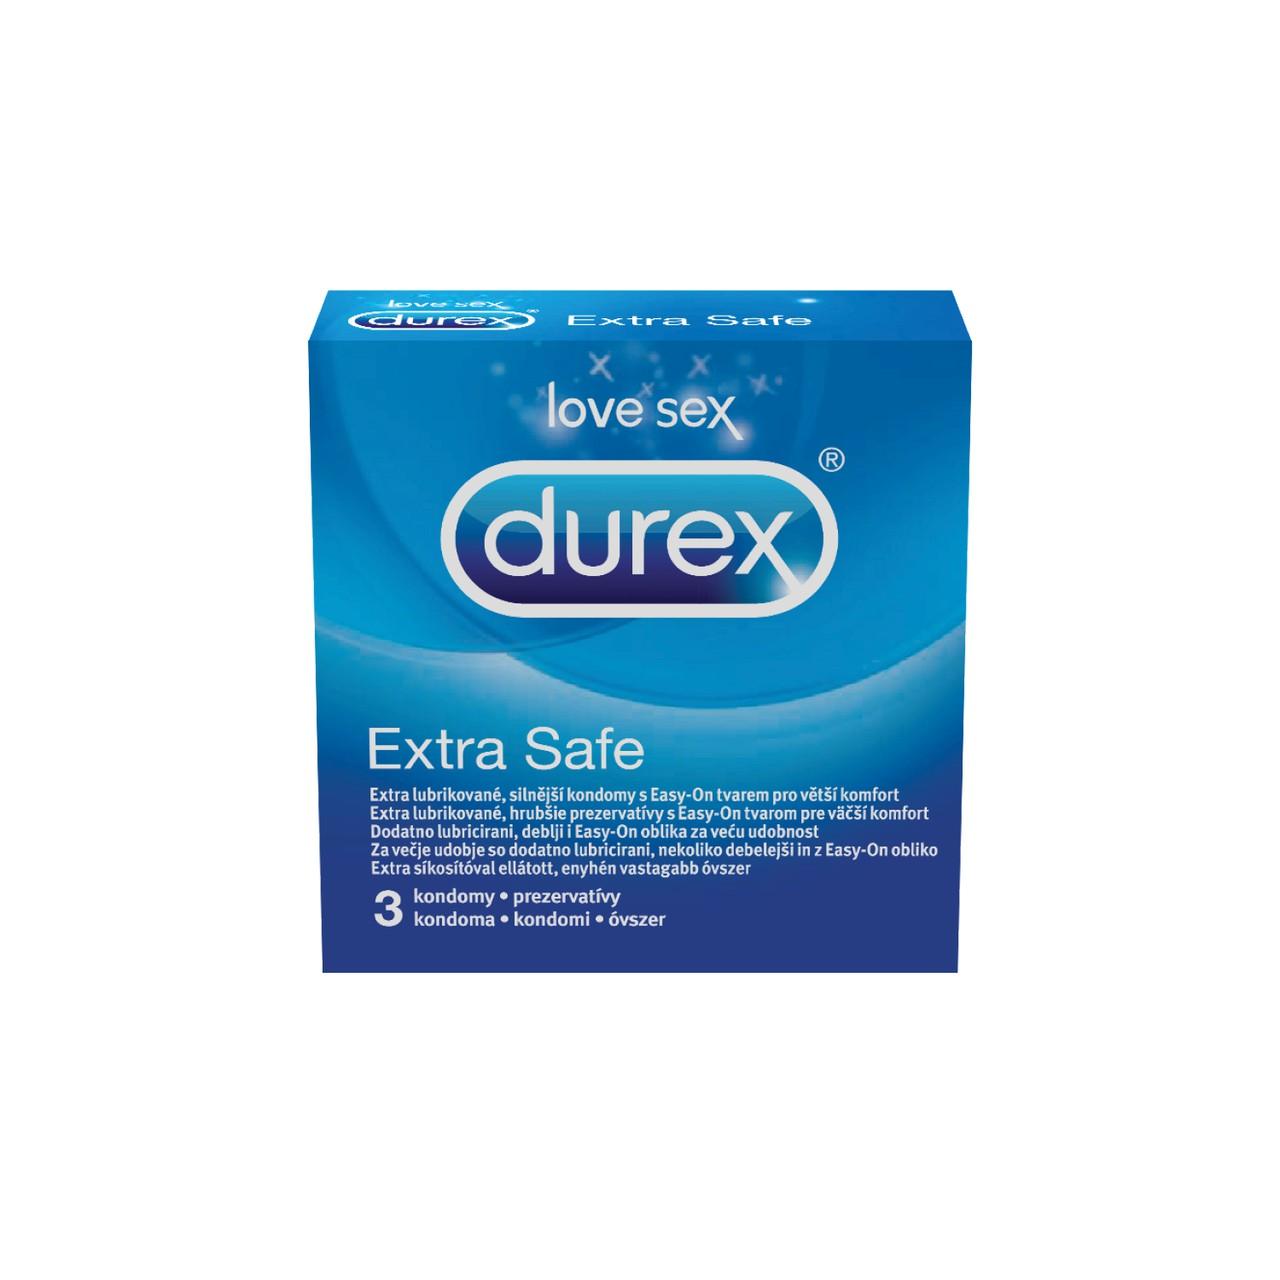 Durex | Extra Safe